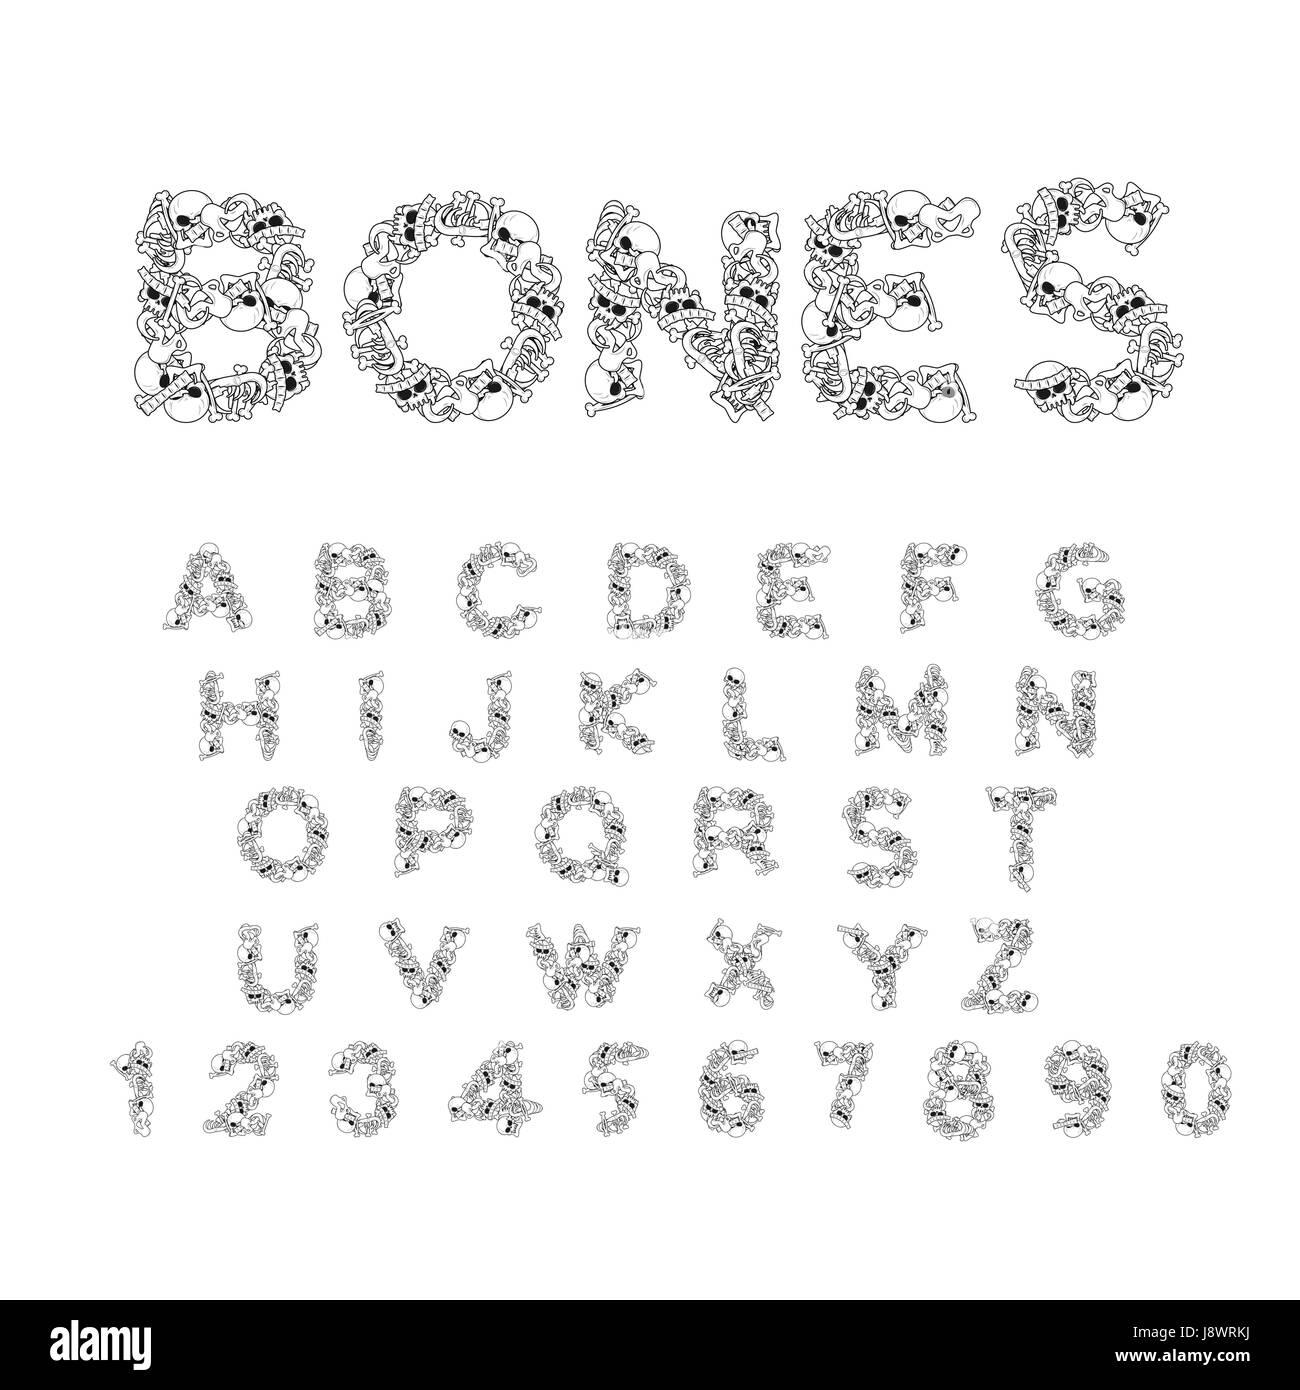 Knochen-Alphabet. Anatomie der Buchstaben. Skelett Schriftart ...